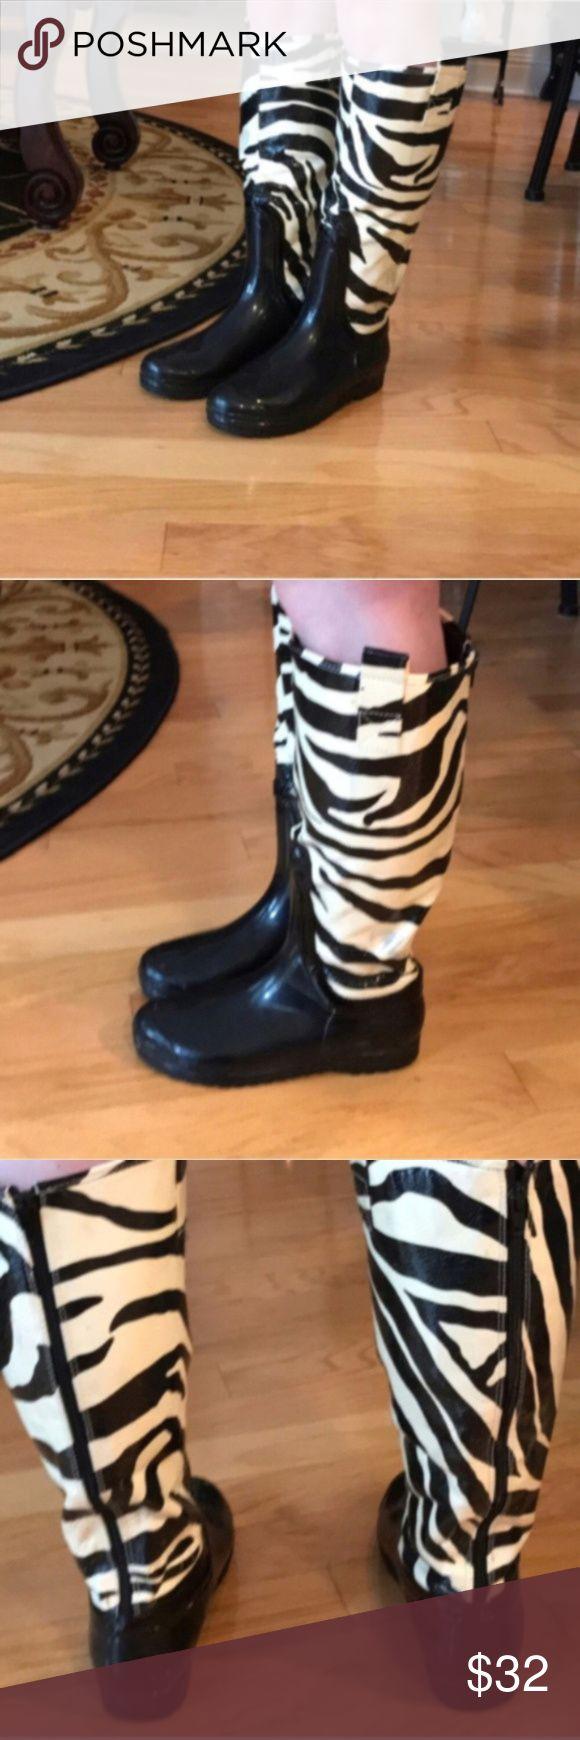 Chinese Laundry zebra rain boots size 8 Chinese Laundry zebra rain boots size 8 Chinese Laundry Shoes Winter & Rain Boots